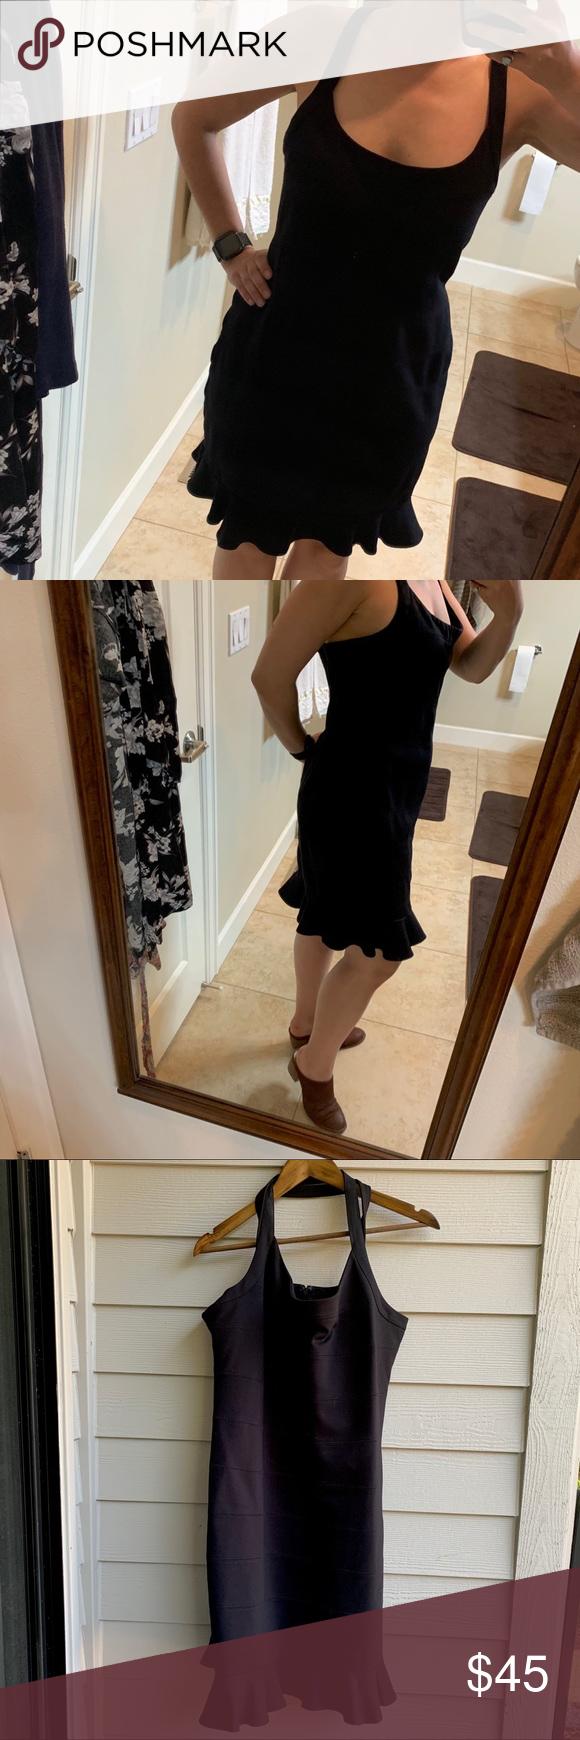 Nicole Miller Little Black Dress Xl Clothes Design Dresses Little Black Dress [ 1740 x 580 Pixel ]